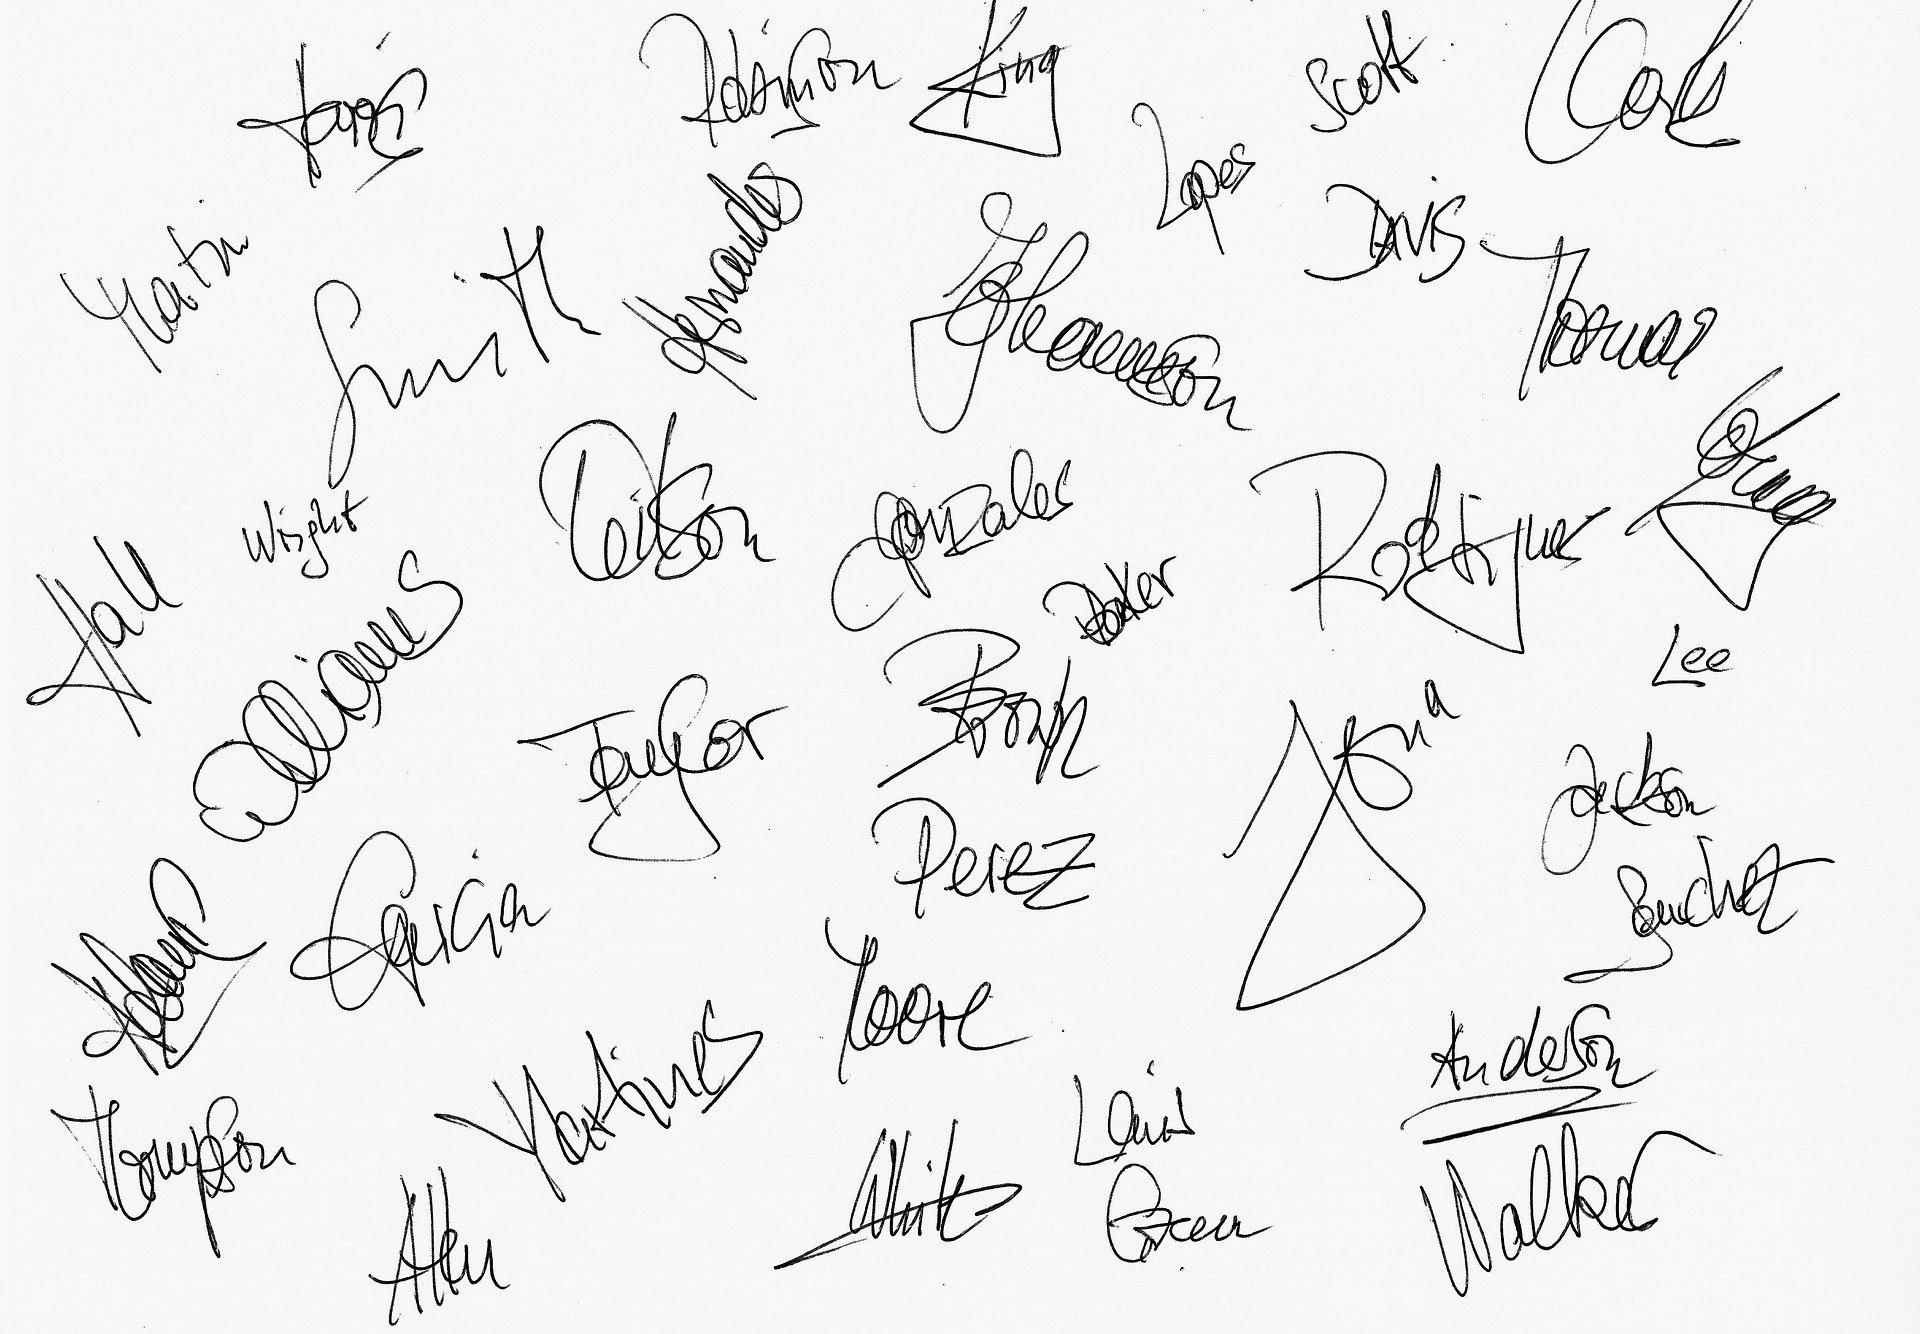 Signature procuration